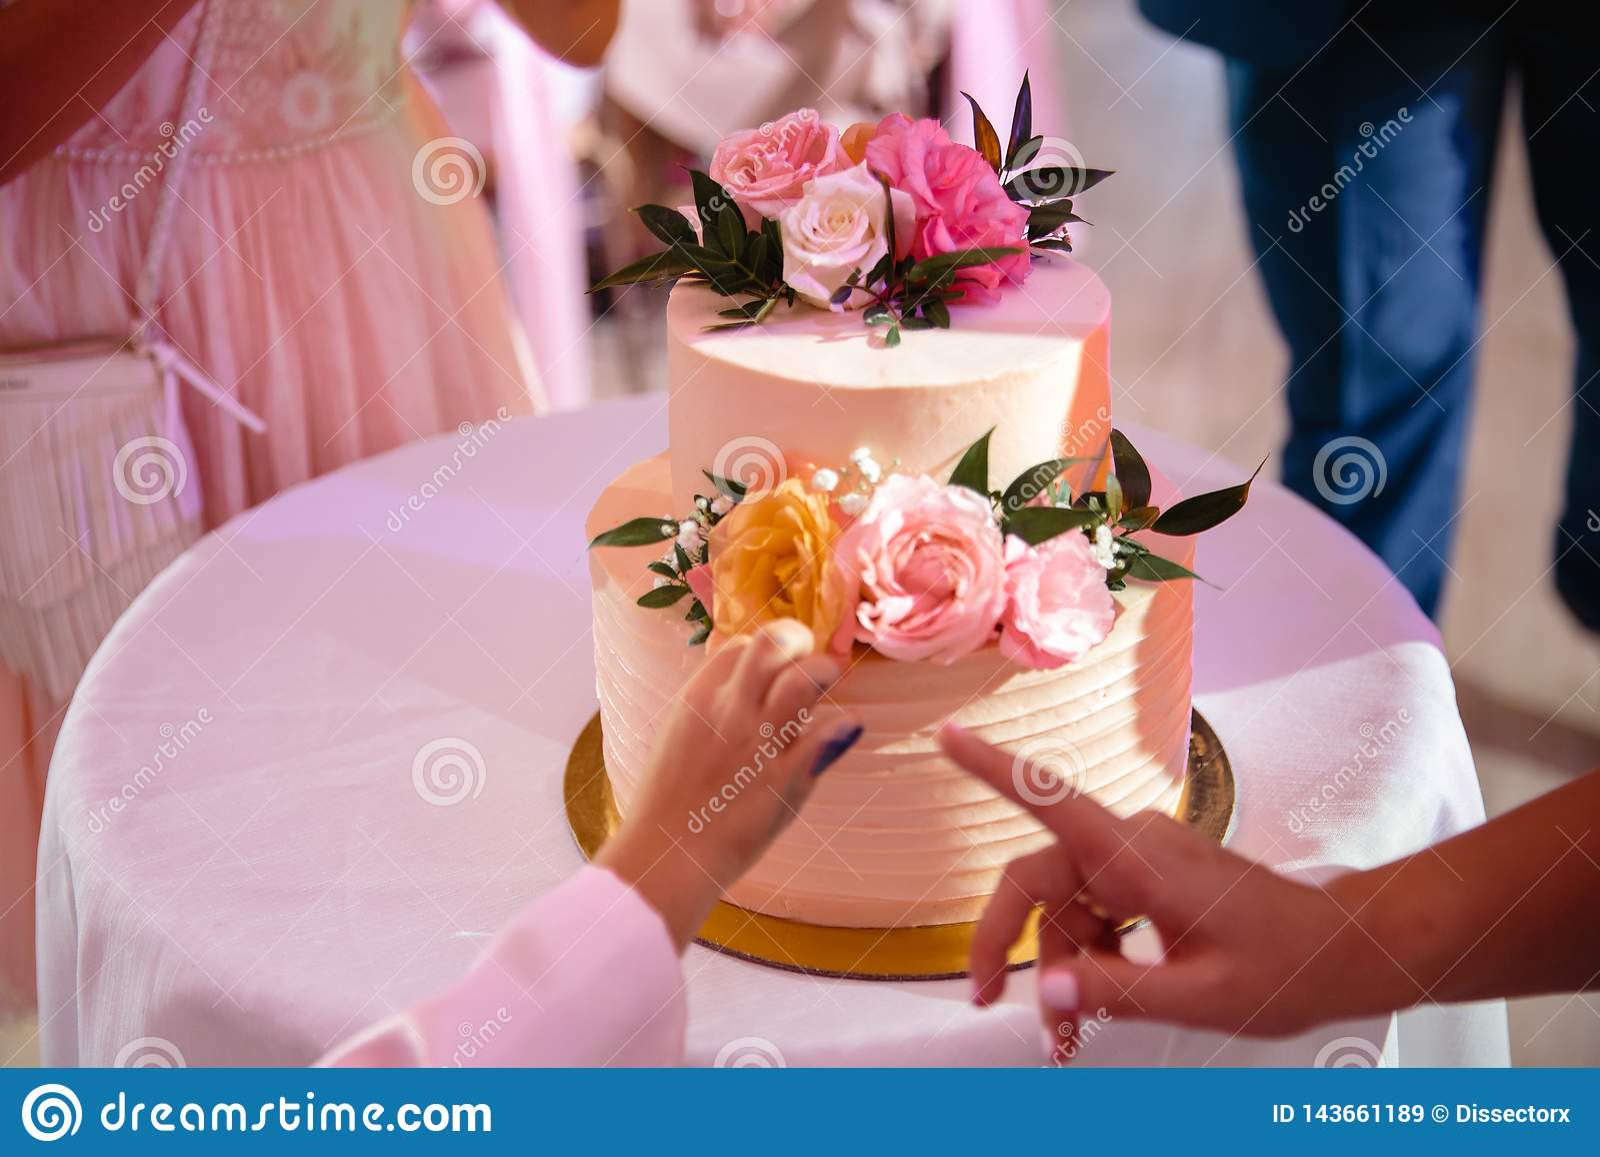 De hand die van een kind naar de huwelijkscake leunen in ecologische natuurlijke stijl - Zijn ouder toont met haar vinger aan dat